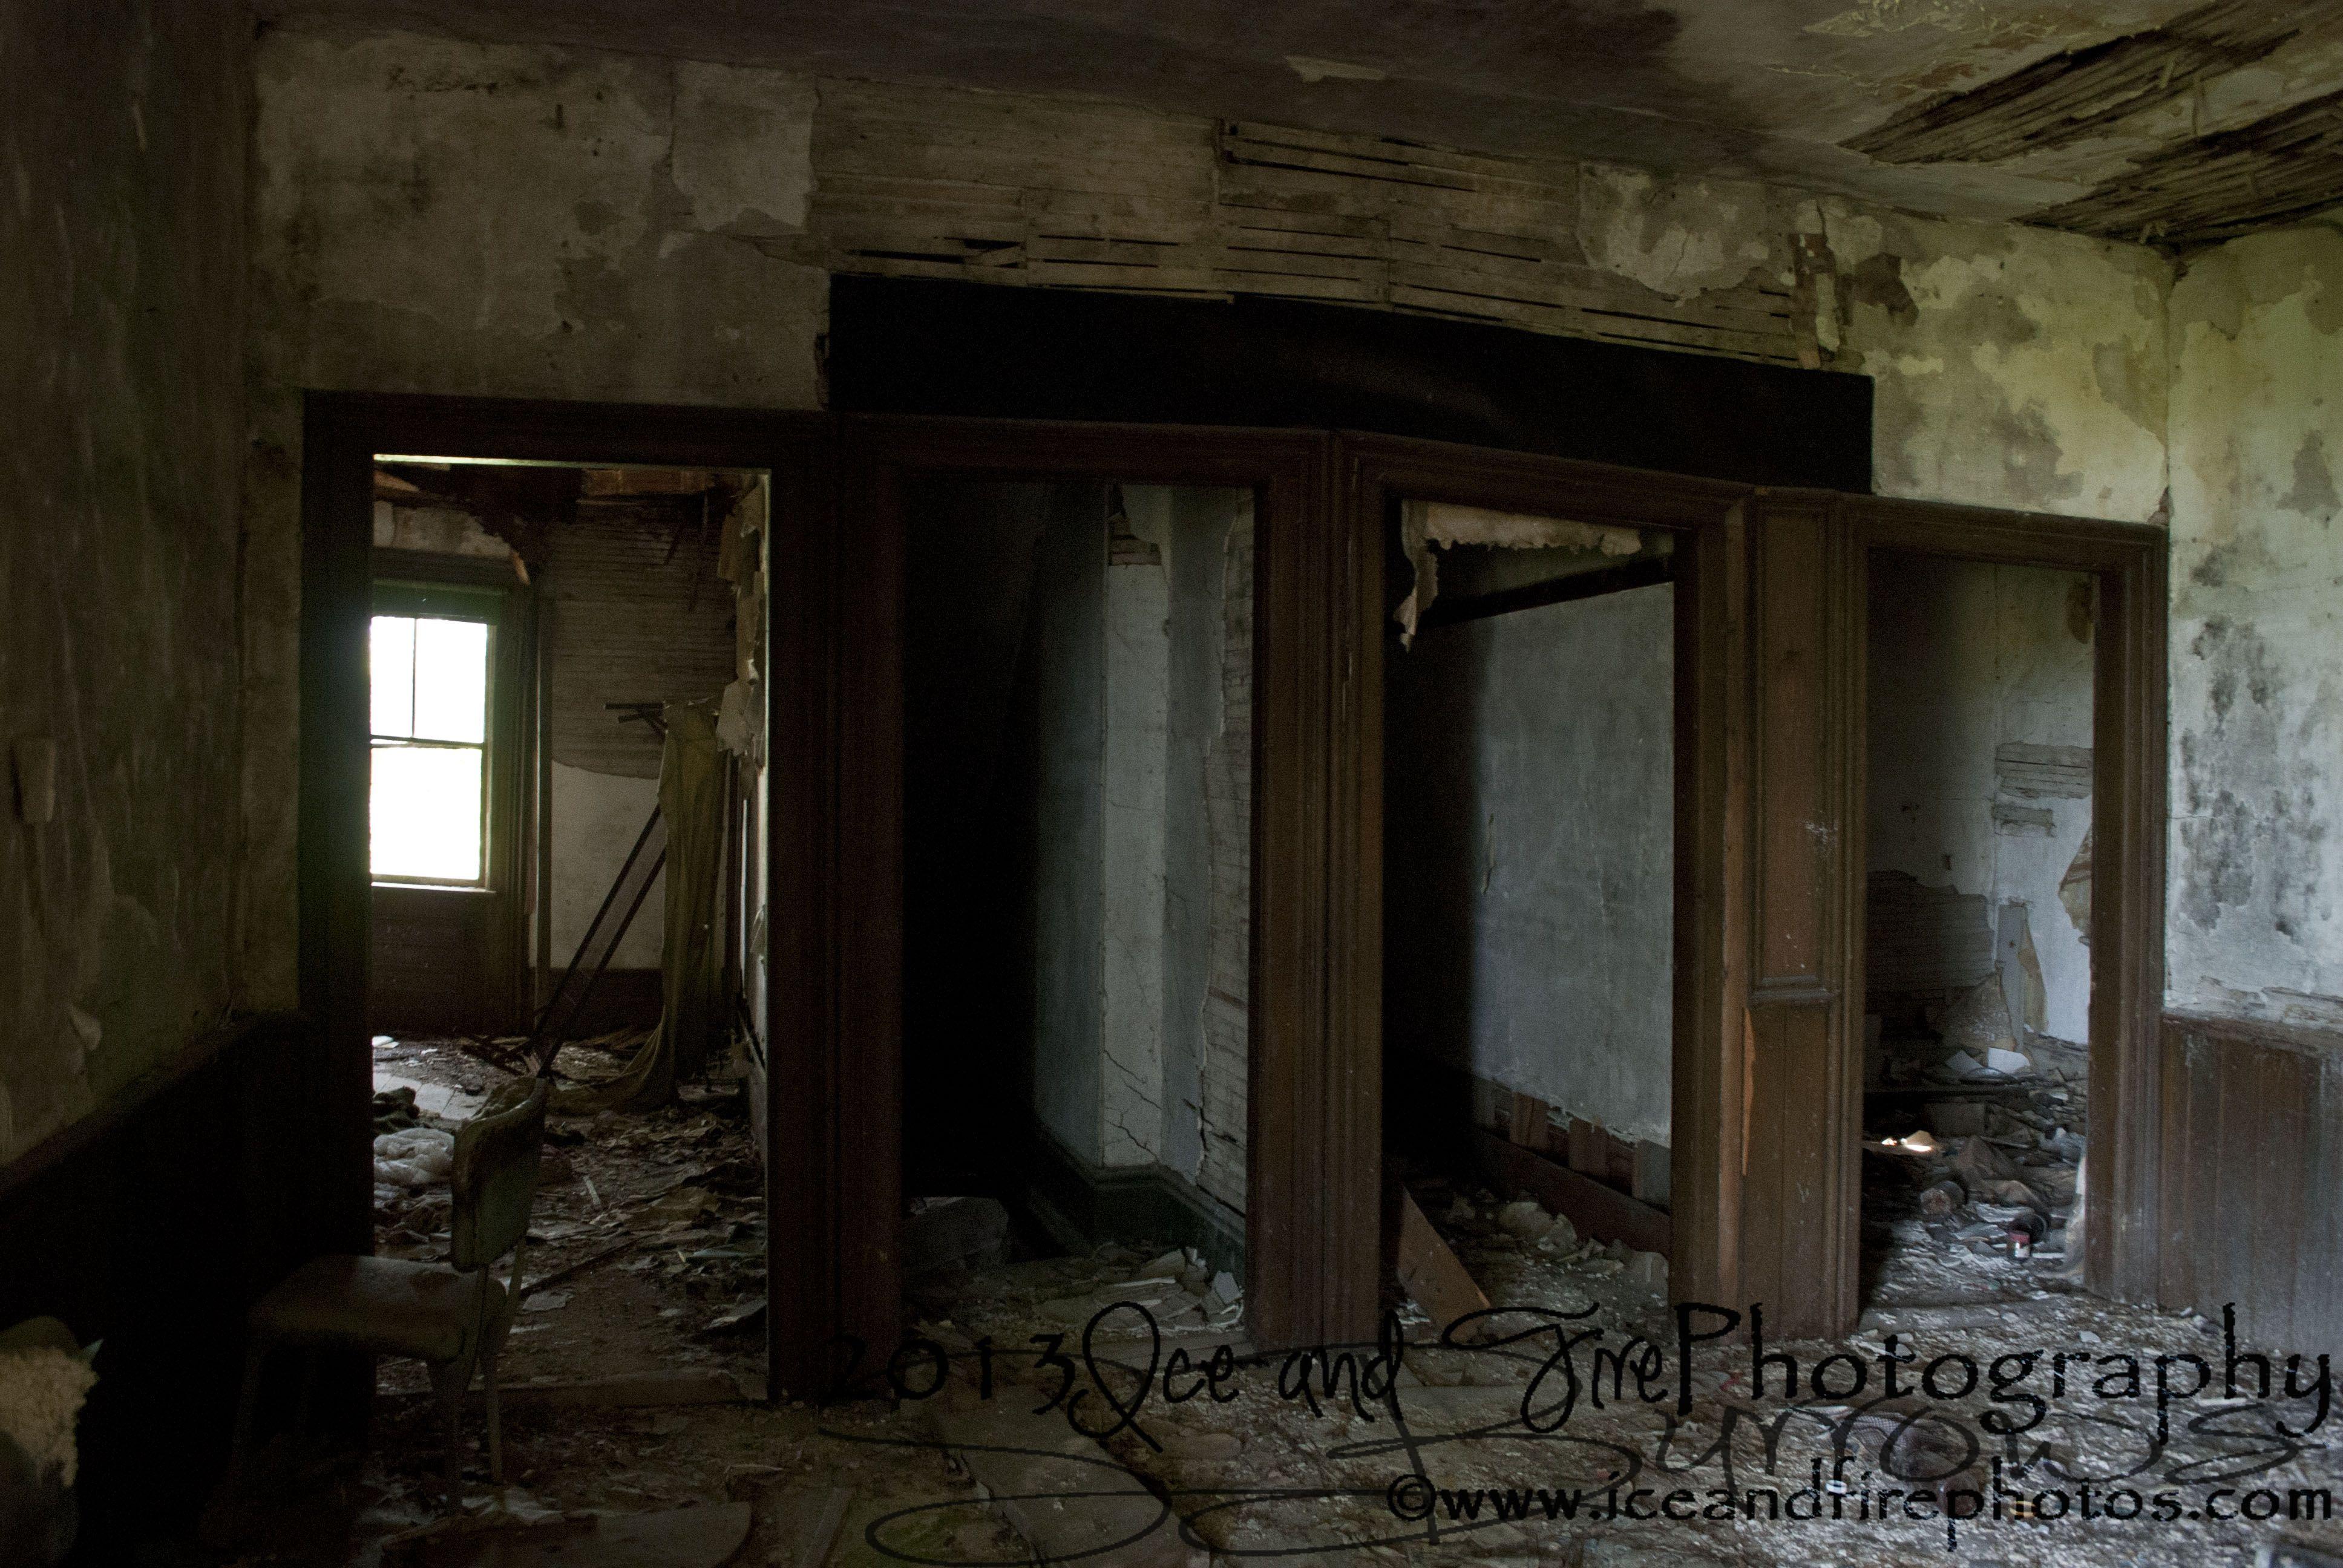 An old abandoned house Kirkfield, Ontario.  iceandfirephotos.com Facebook.com/iceandfirephotos